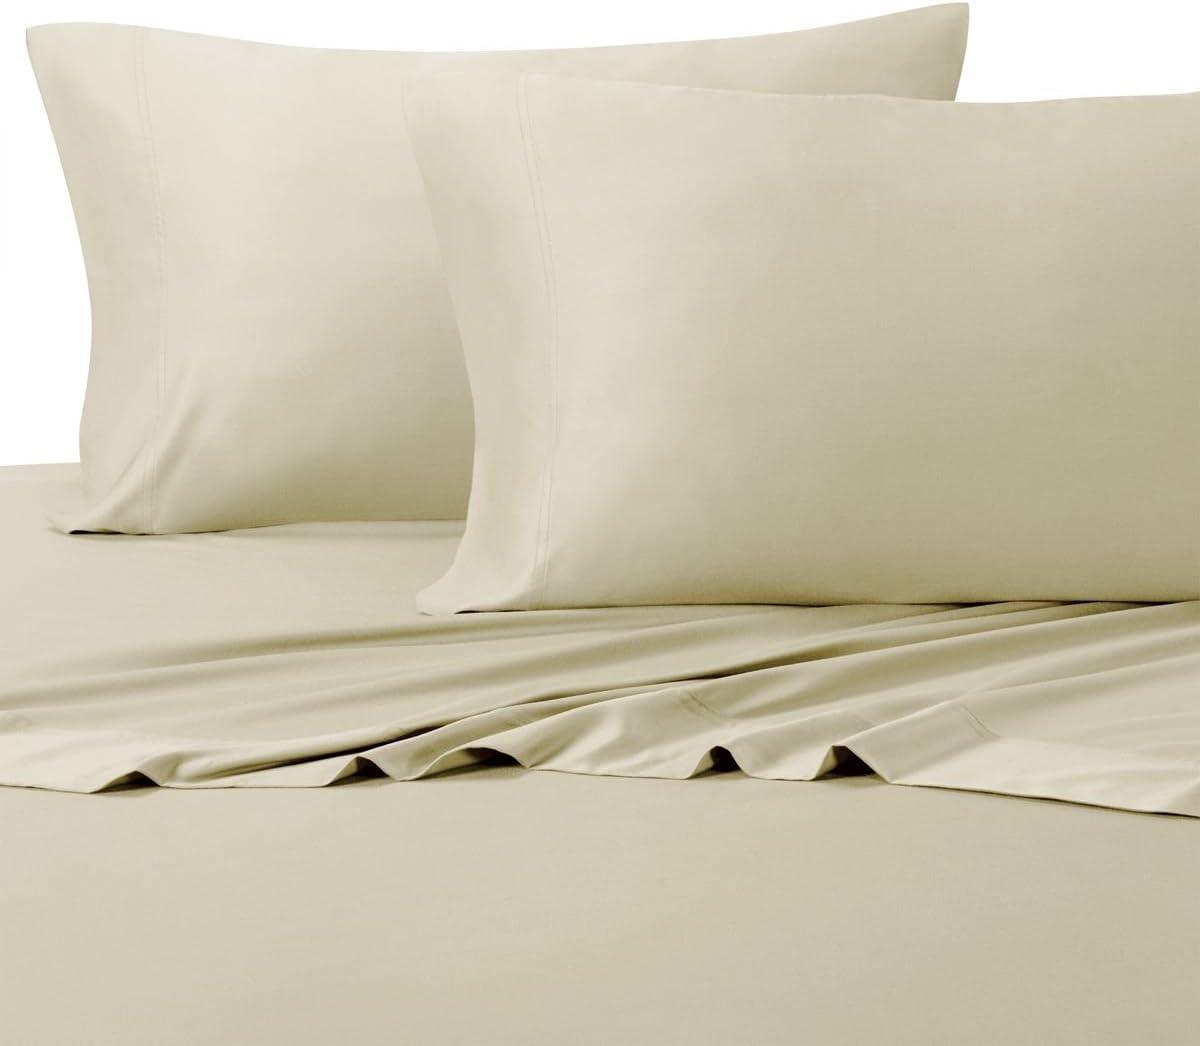 Royal Hotel Suave como la Seda bambú algodón Juego de sábanas, 100% Bamboo-Cotton Ropa de Cama, tamaño de la Reina, Arena: Amazon.es: Hogar